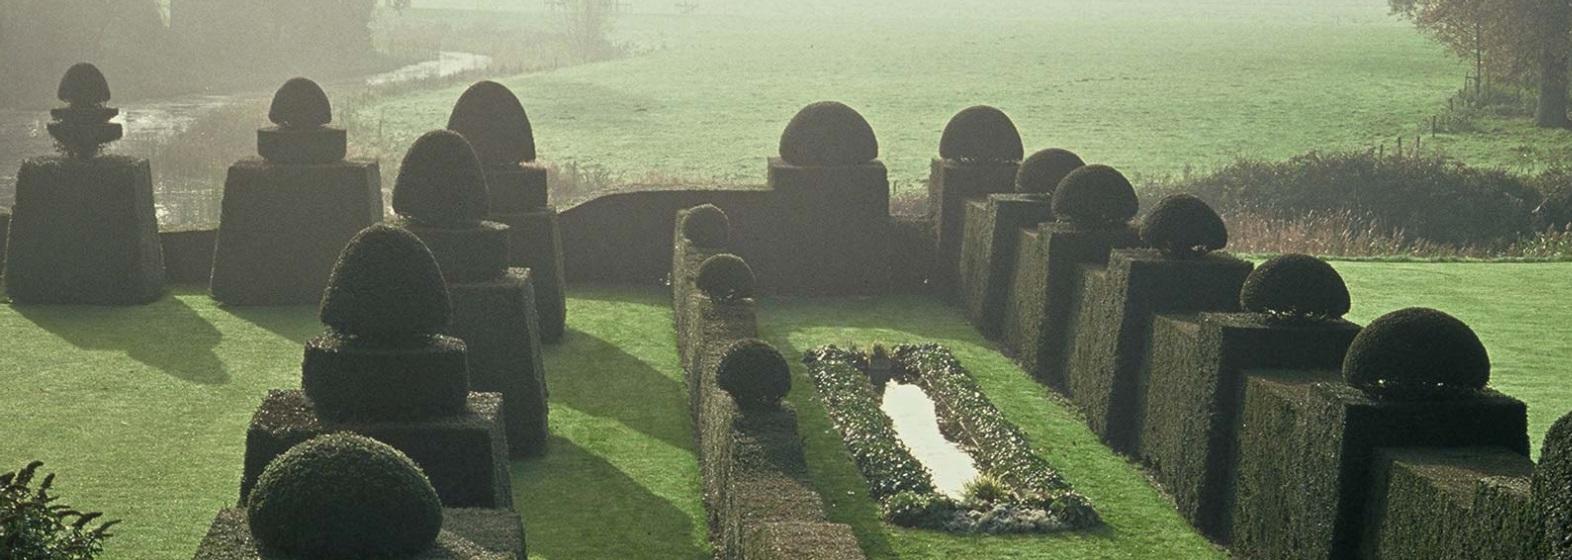 Afb. De beroemde taxushagen op Bingerden. Foto met dank aan www.bingerden.com.